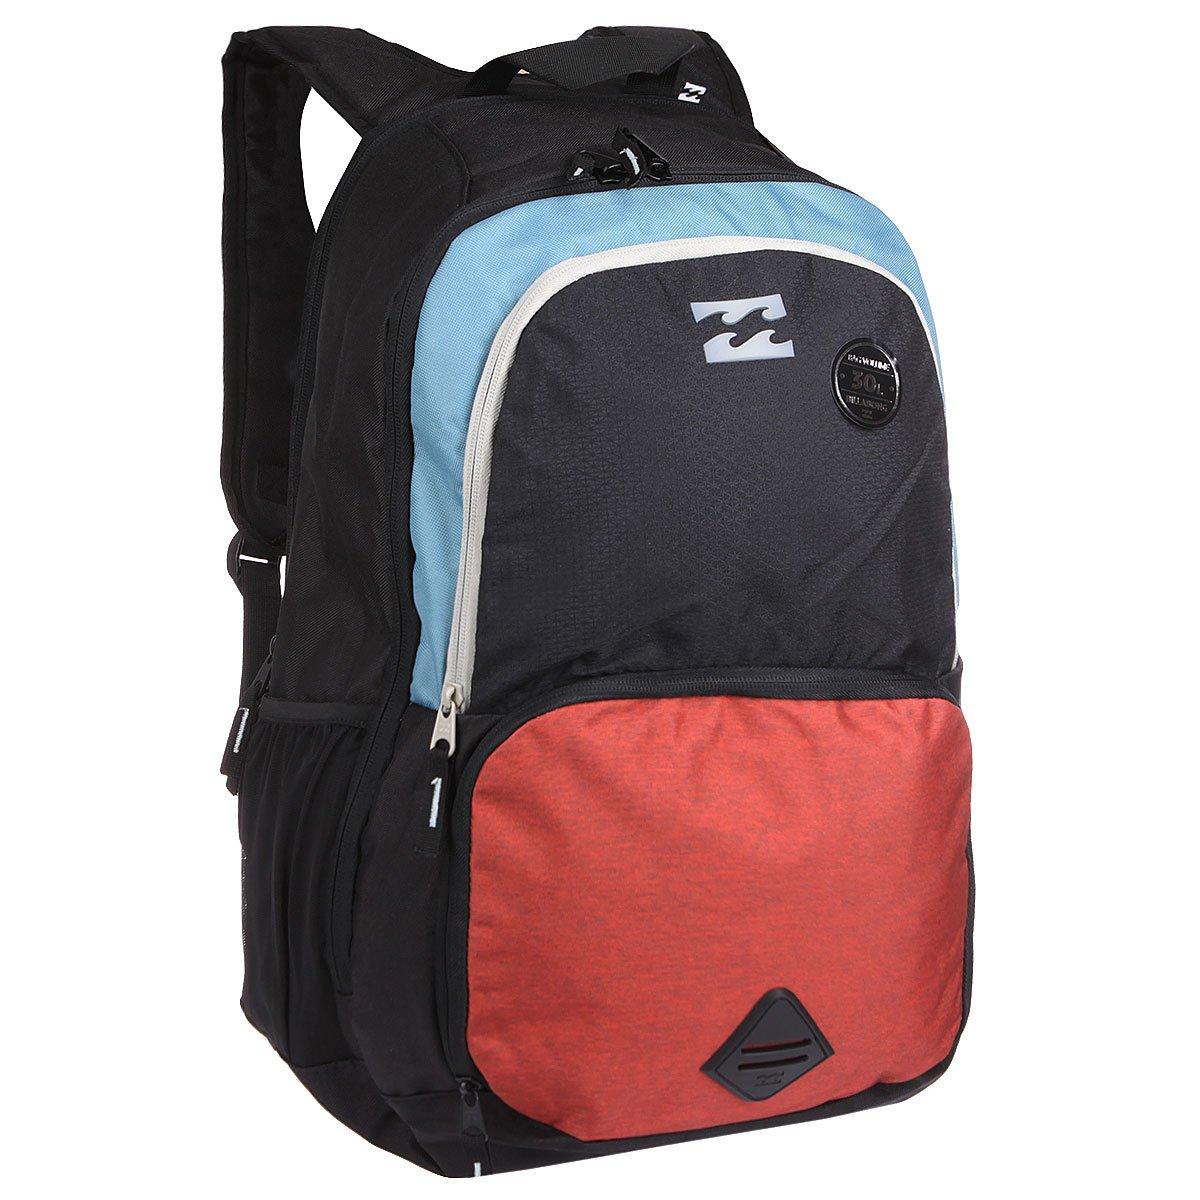 Рюкзаки корал школьные купить рюкзак для художественной гимнастики